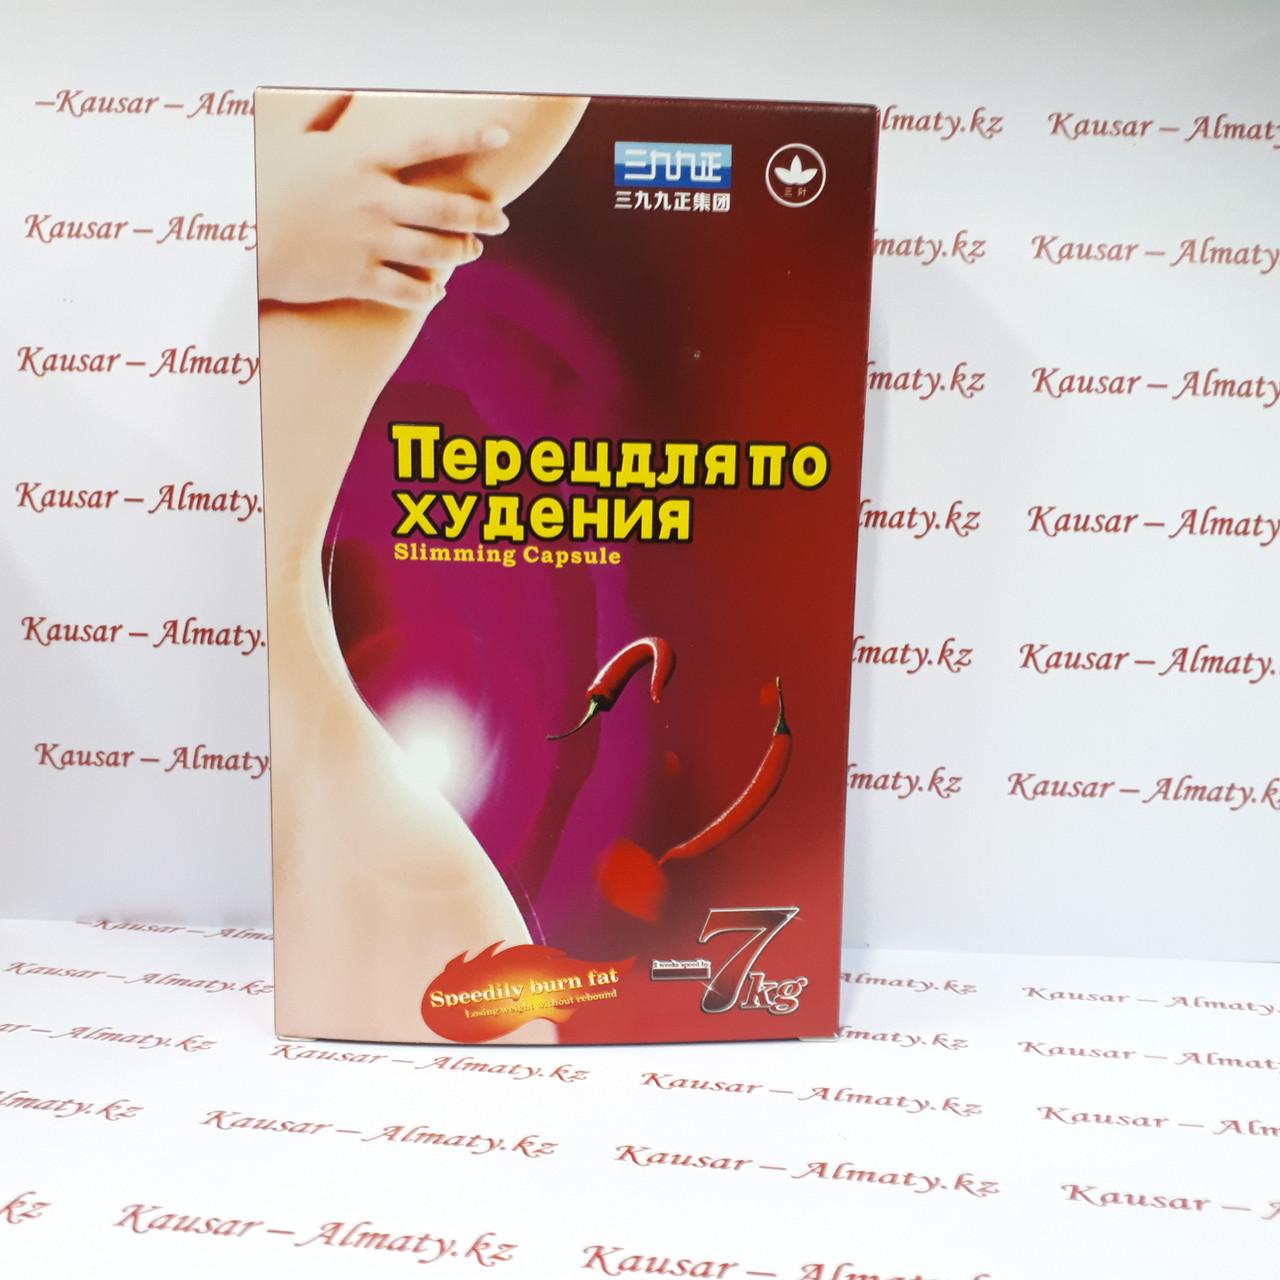 Препарат для похудения Перец для похудения - 7 кг